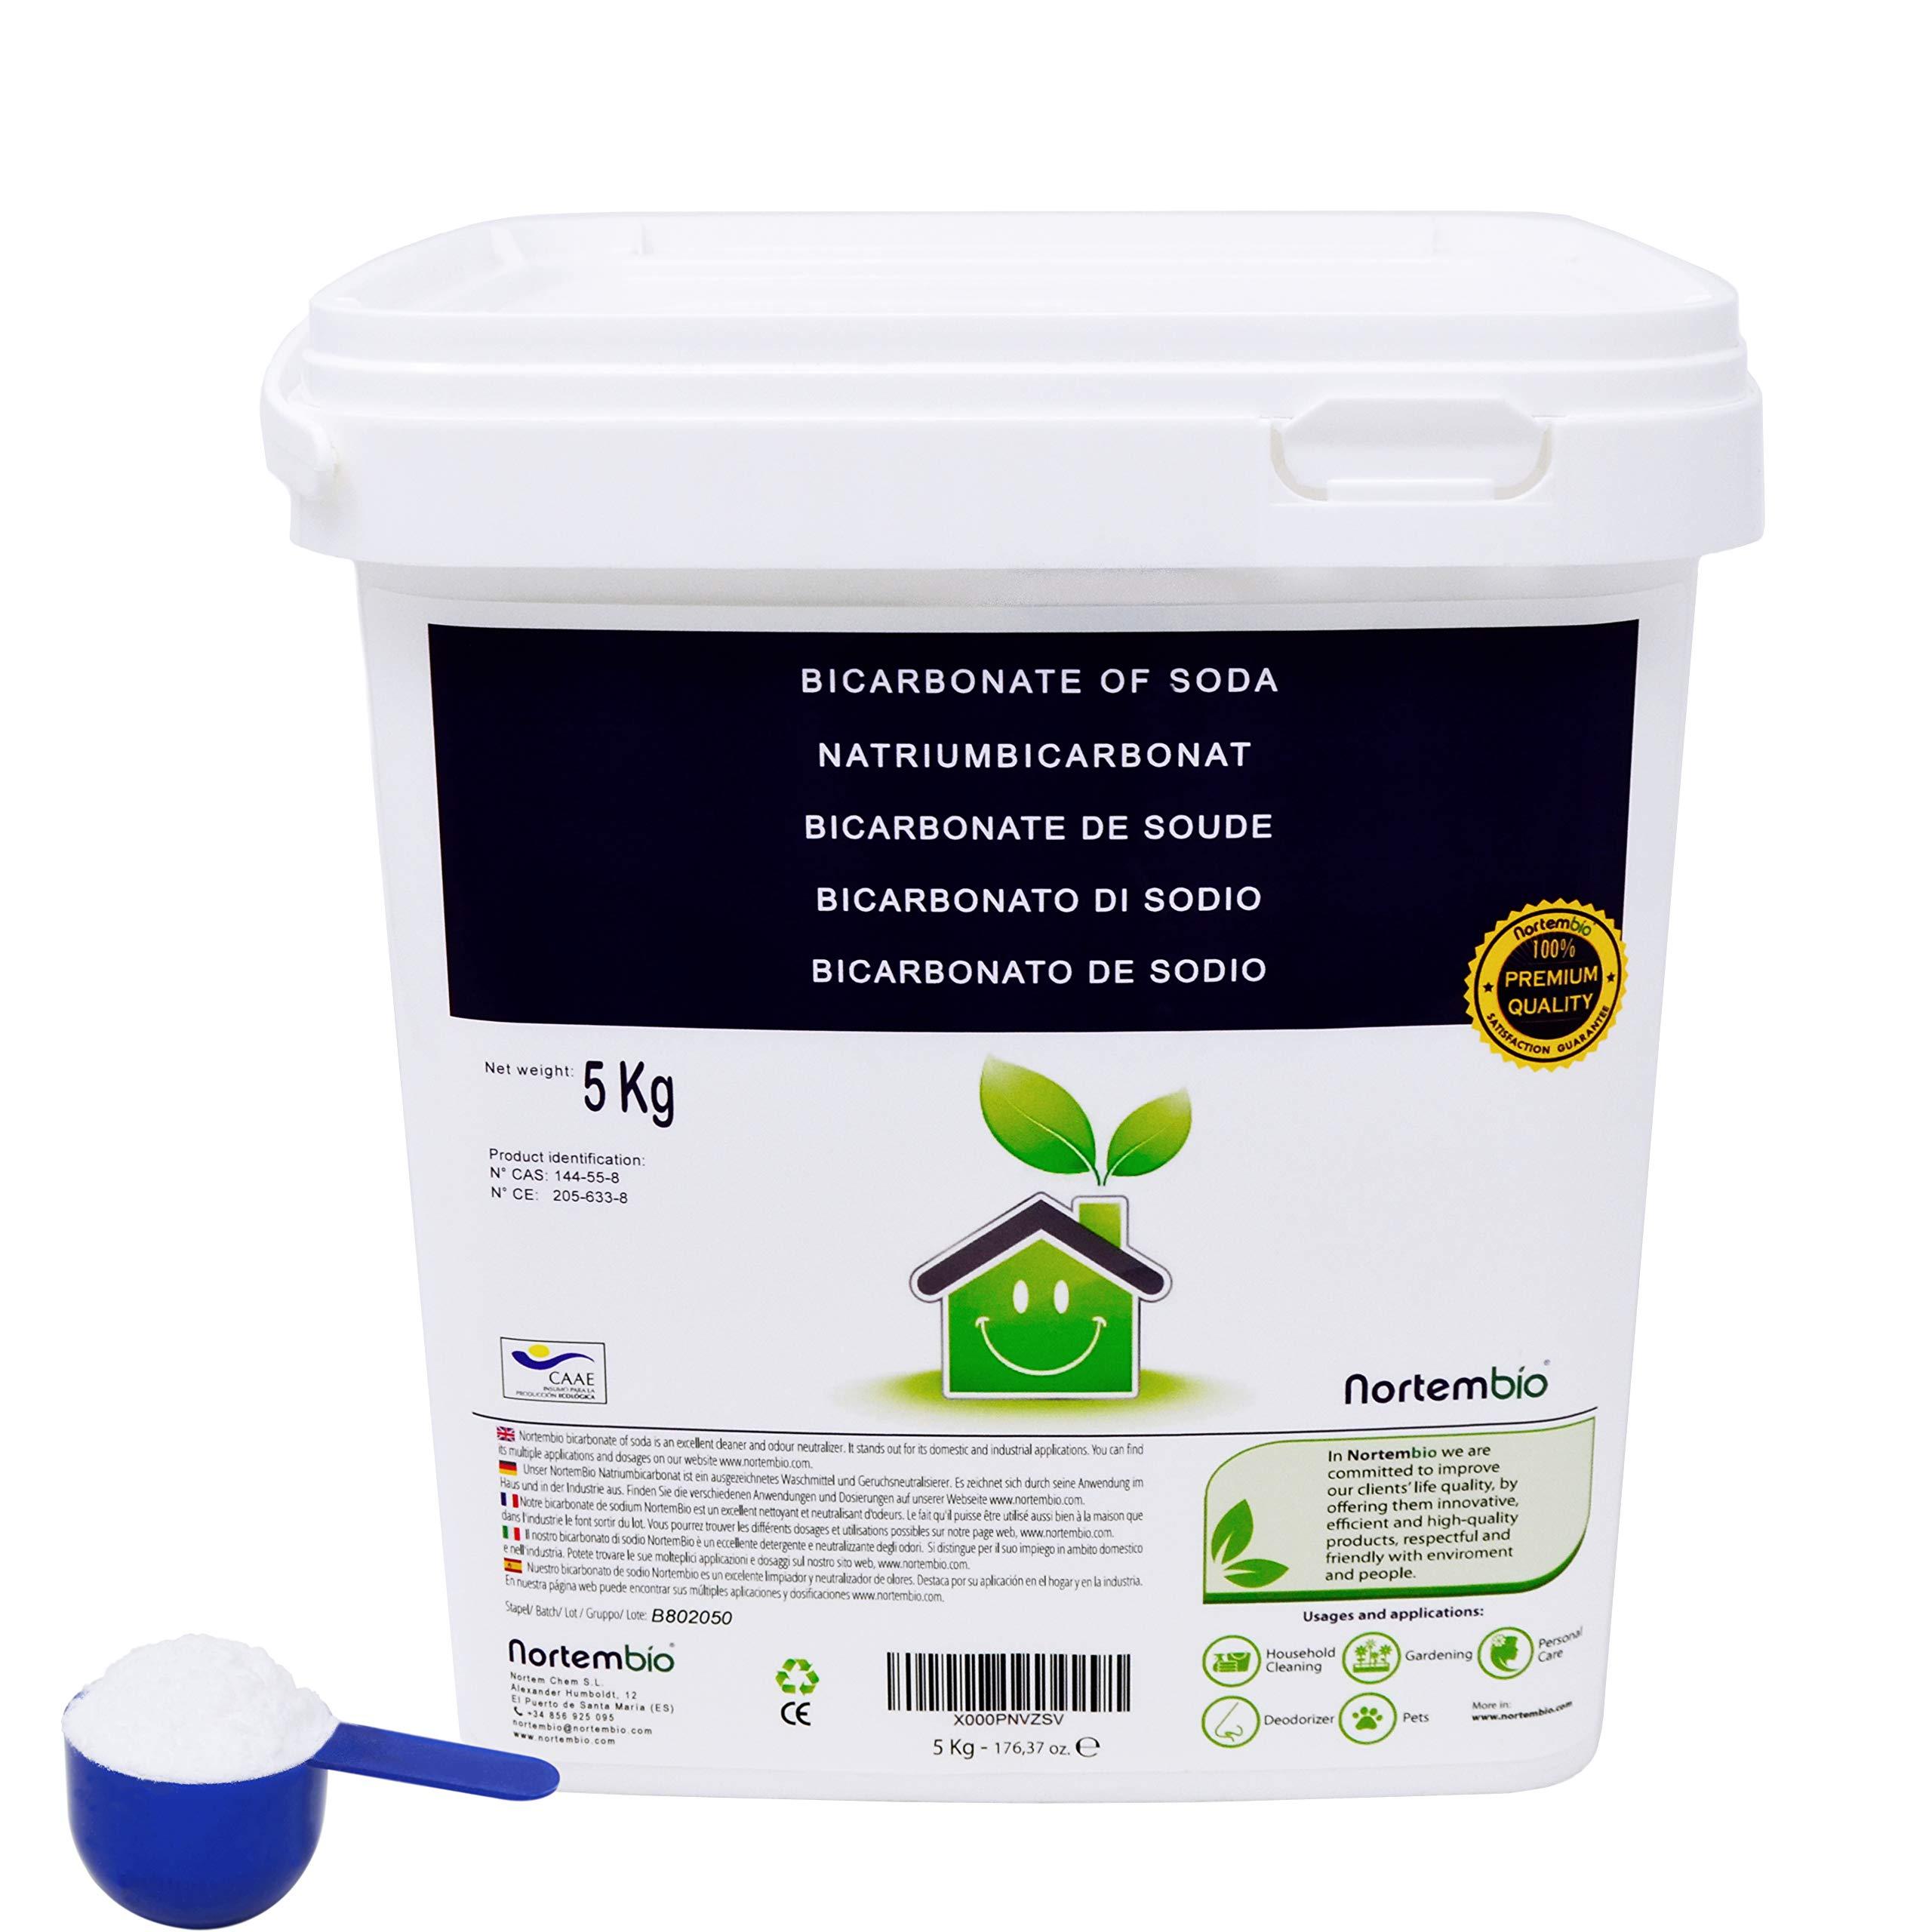 NortemBio Bicarbonato de Sodio 5 Kg, Insumo Ecológico de Origen Natural, Libre de Aluminio